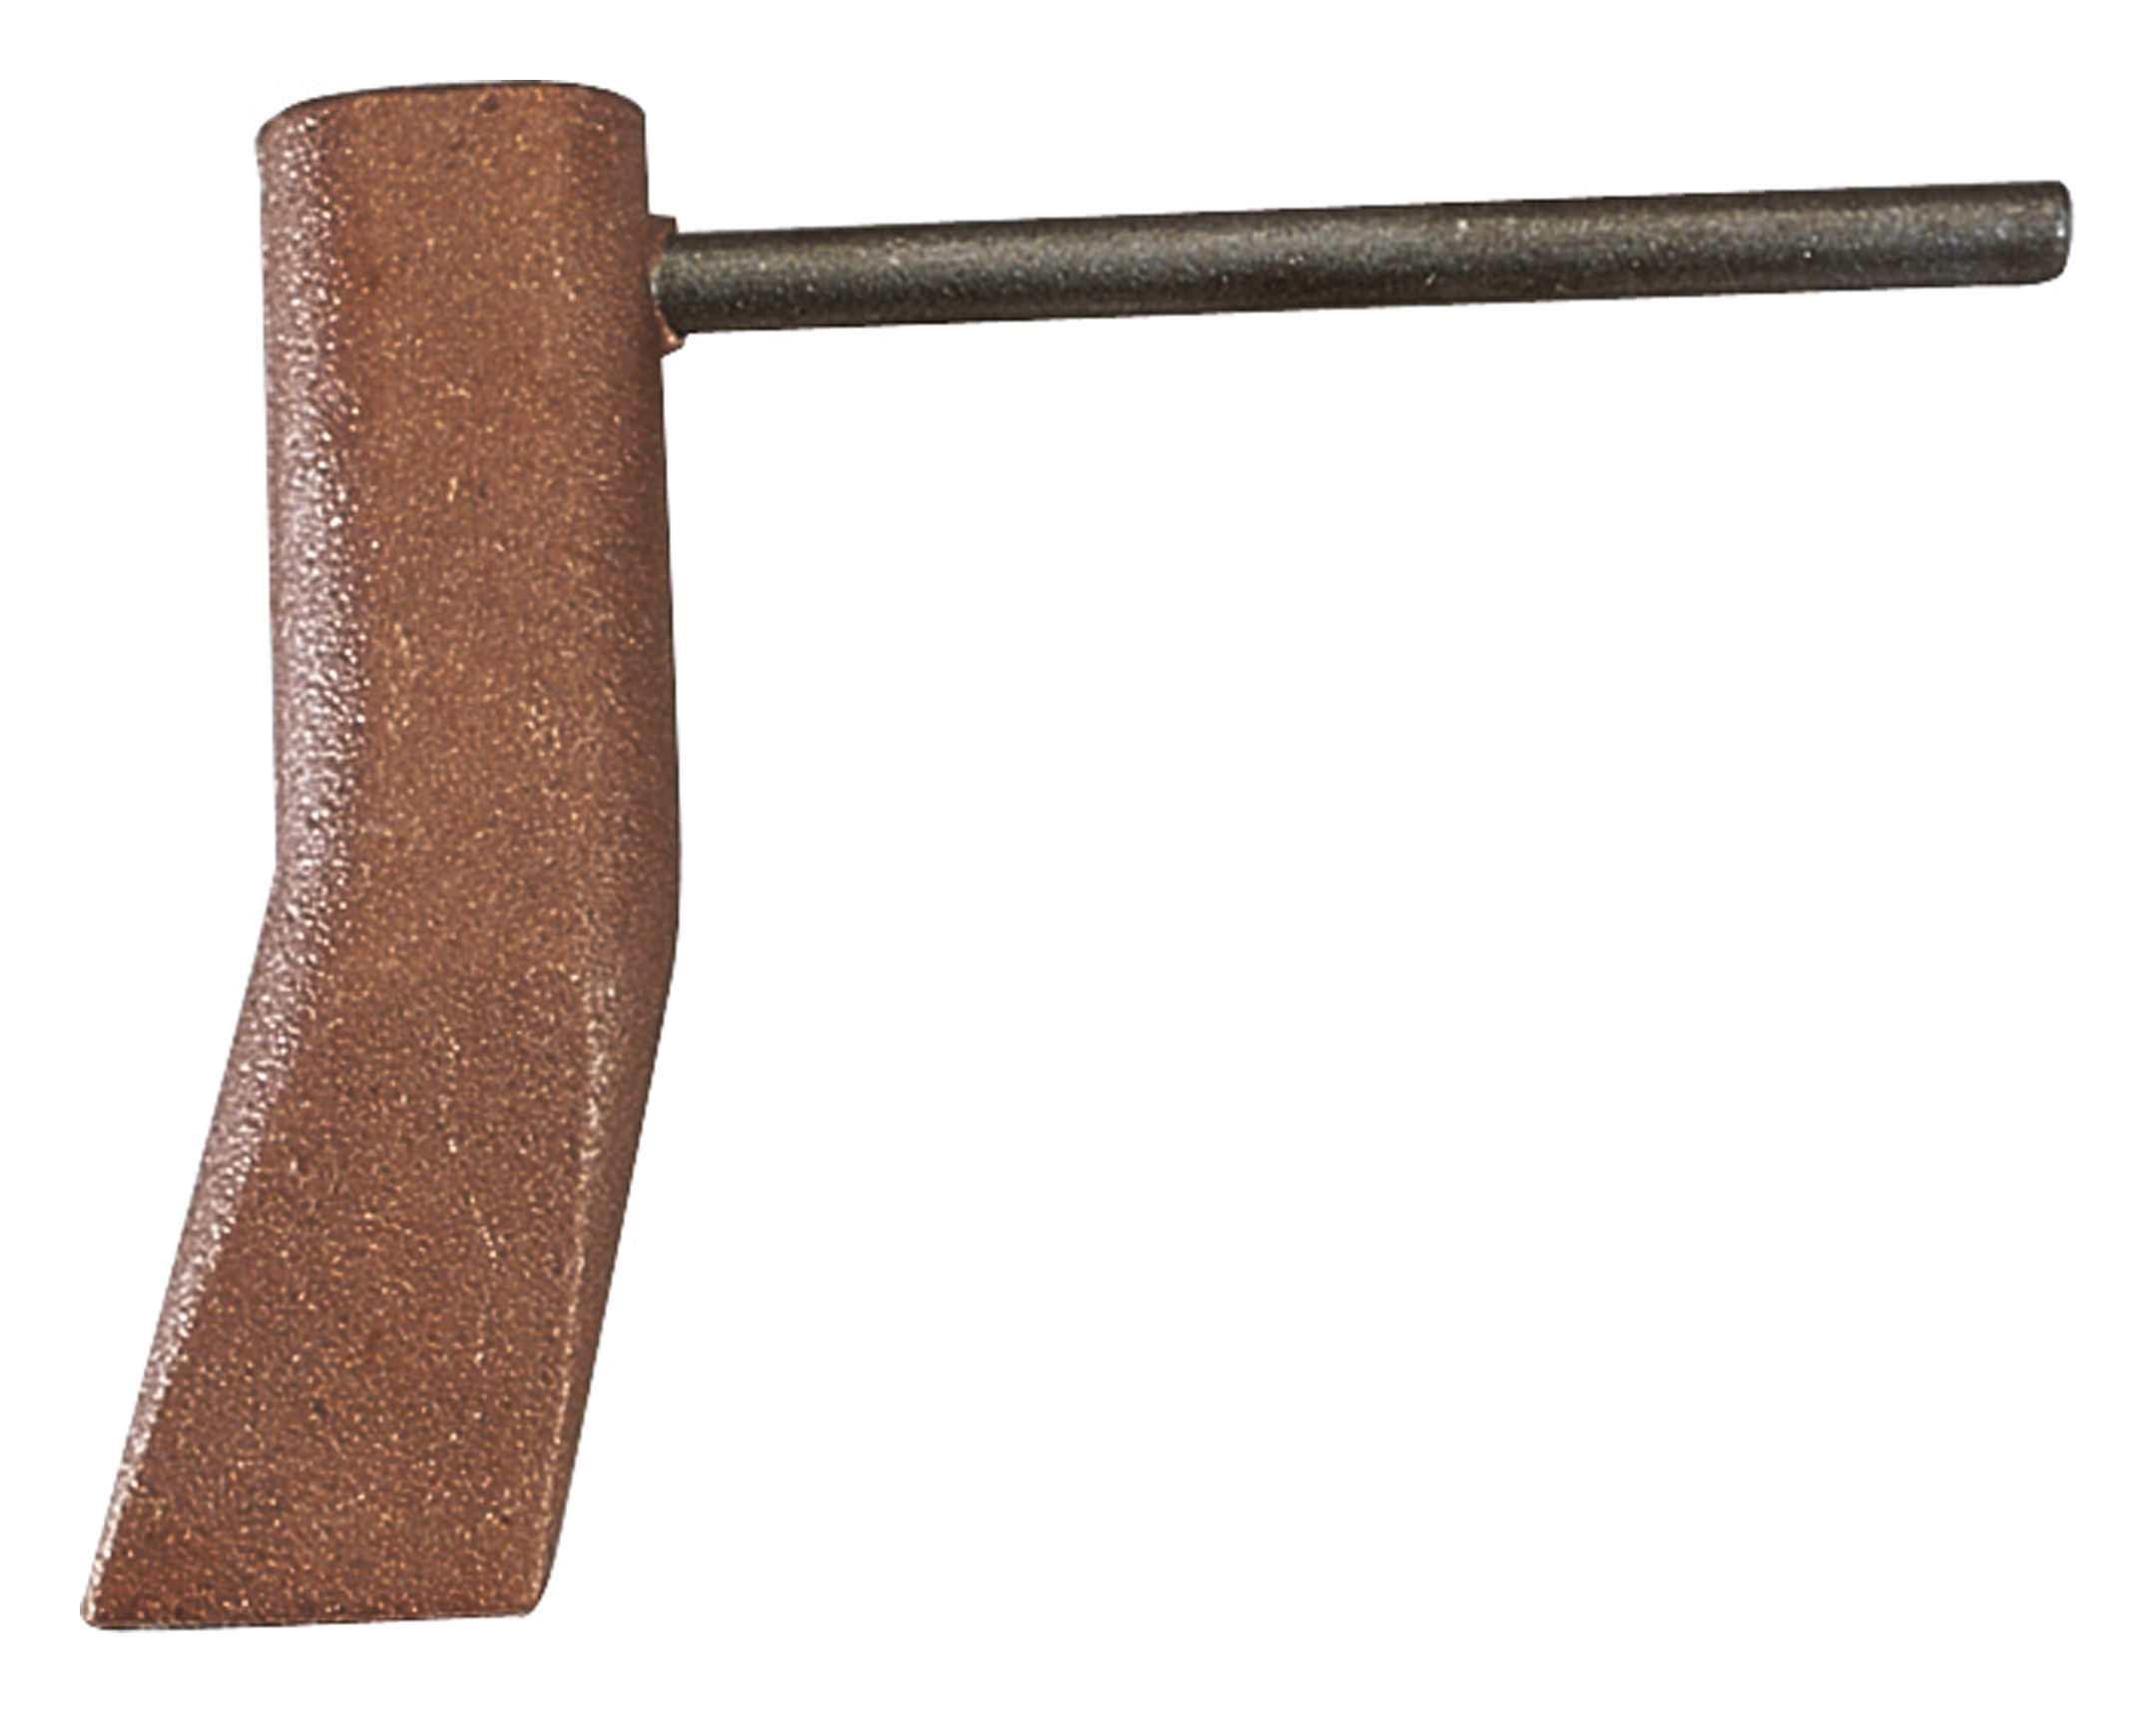 Kupferstück Propan 250g Hammerfest gerade - 836